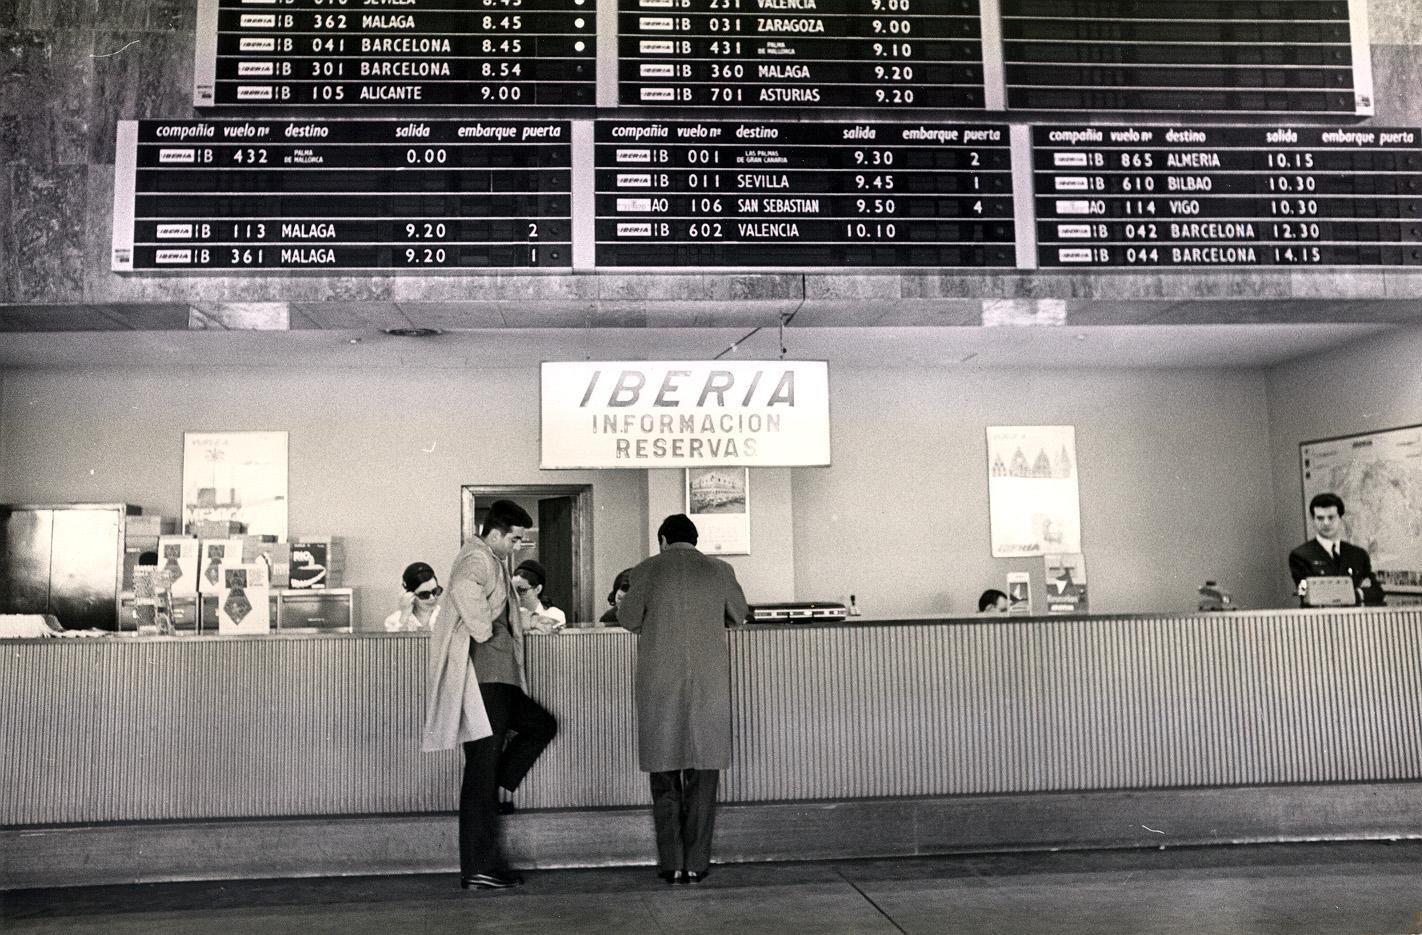 Foto del mostrador de Iberia en el aeropuerto de Madrid-barajas